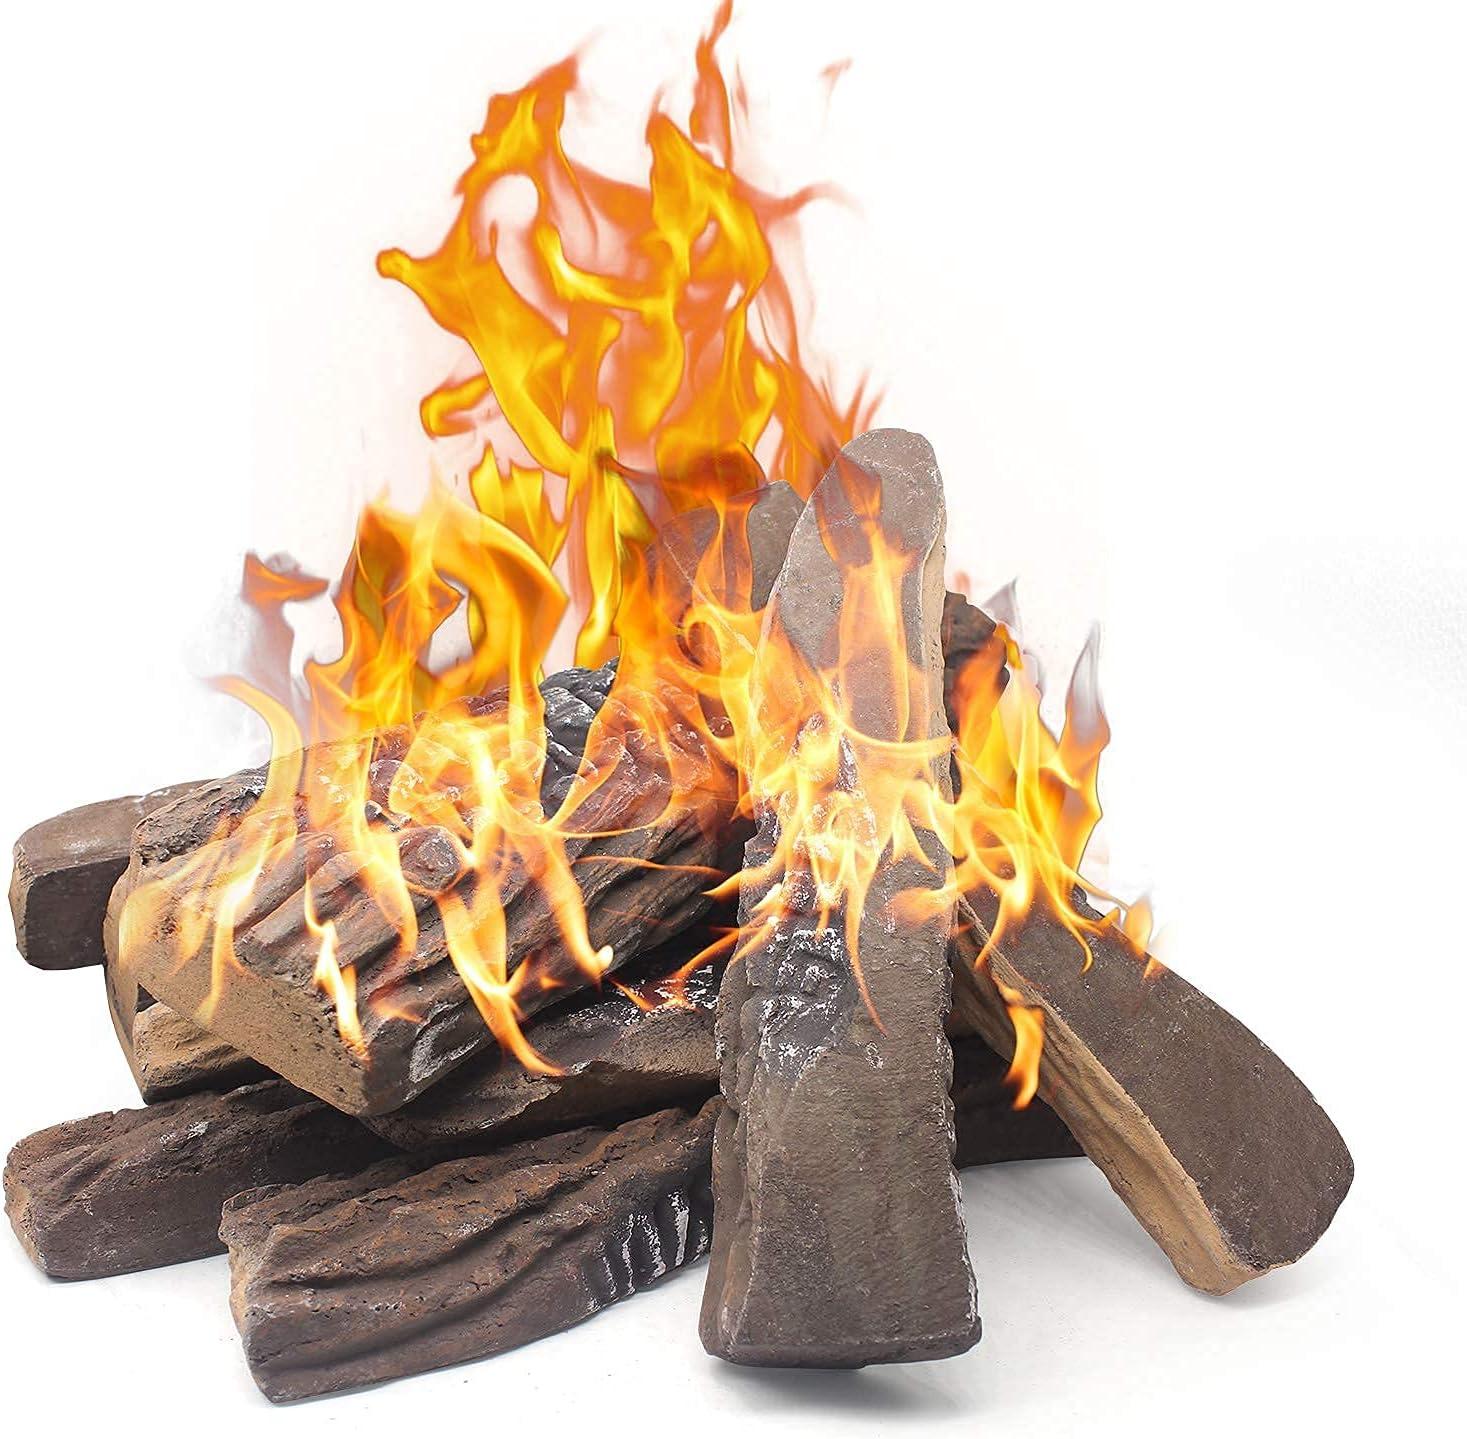 Buy Gas Fireplace Logs,20pcs Large Faux Firepit Logs, Decorative ...